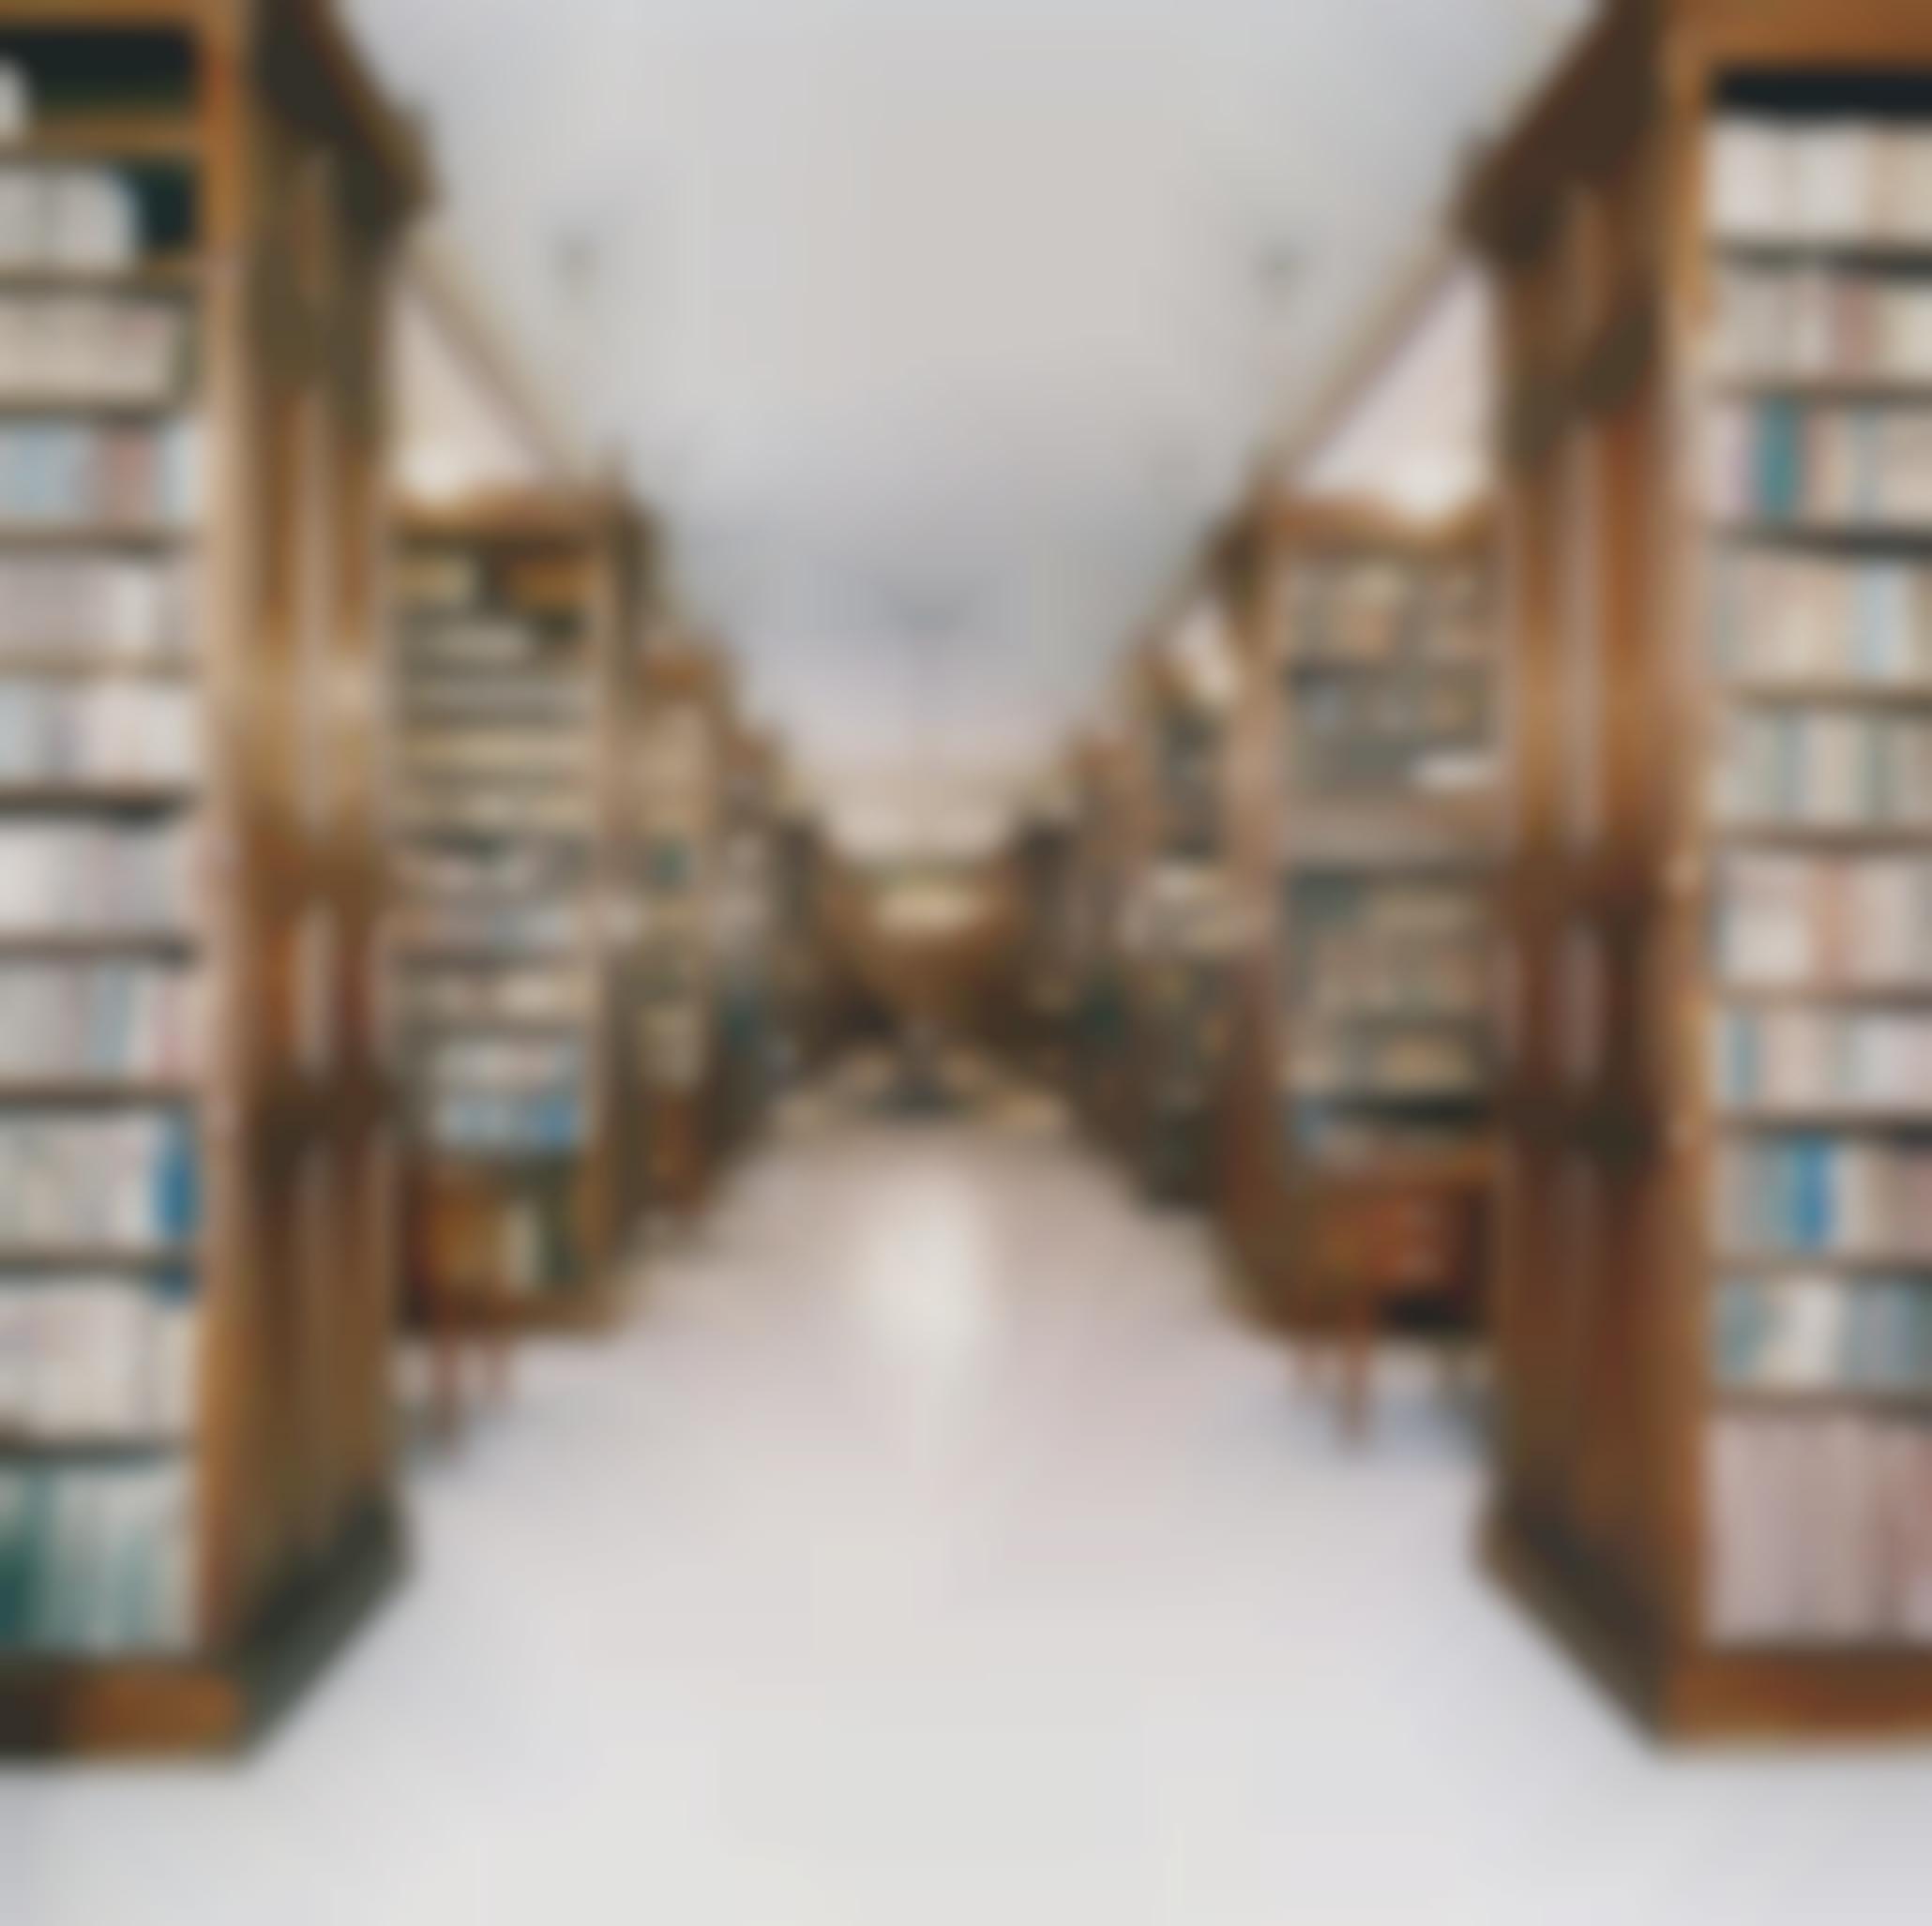 Candida Hofer-Biblioteca De La Real Academia De La Lengua Madrid I-2000